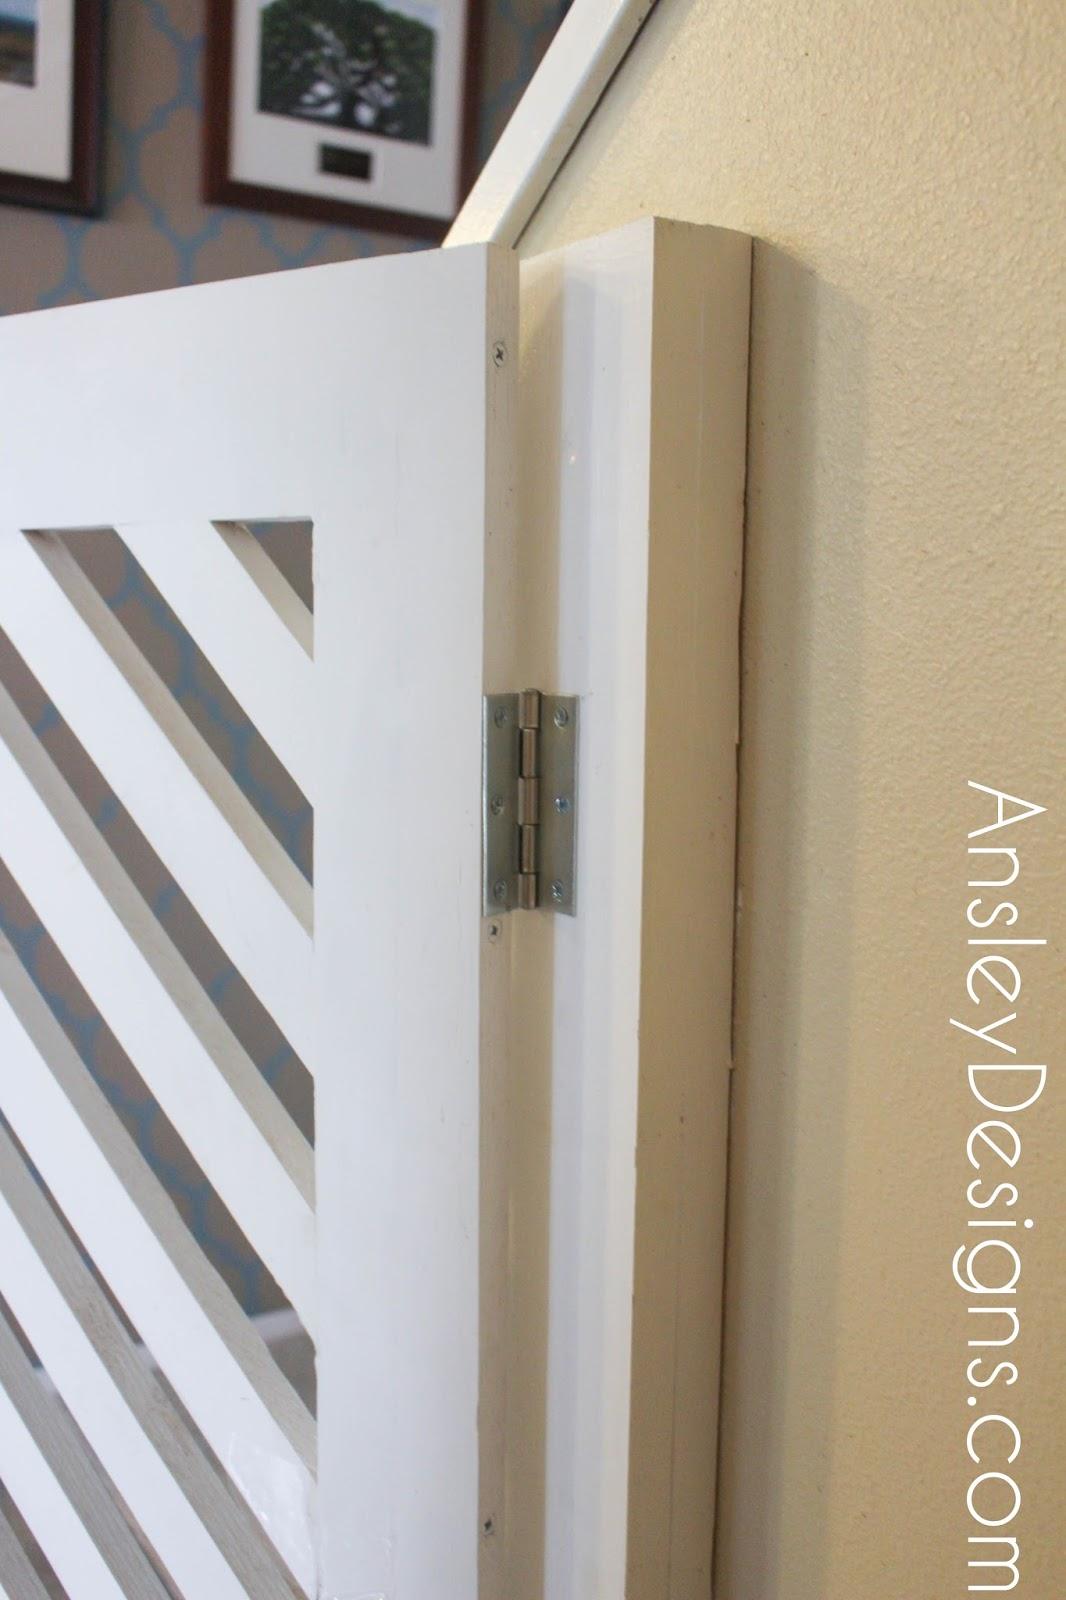 ansley designs diy modern herringbone baby or dog gate - diy modern herringbone baby or dog gate